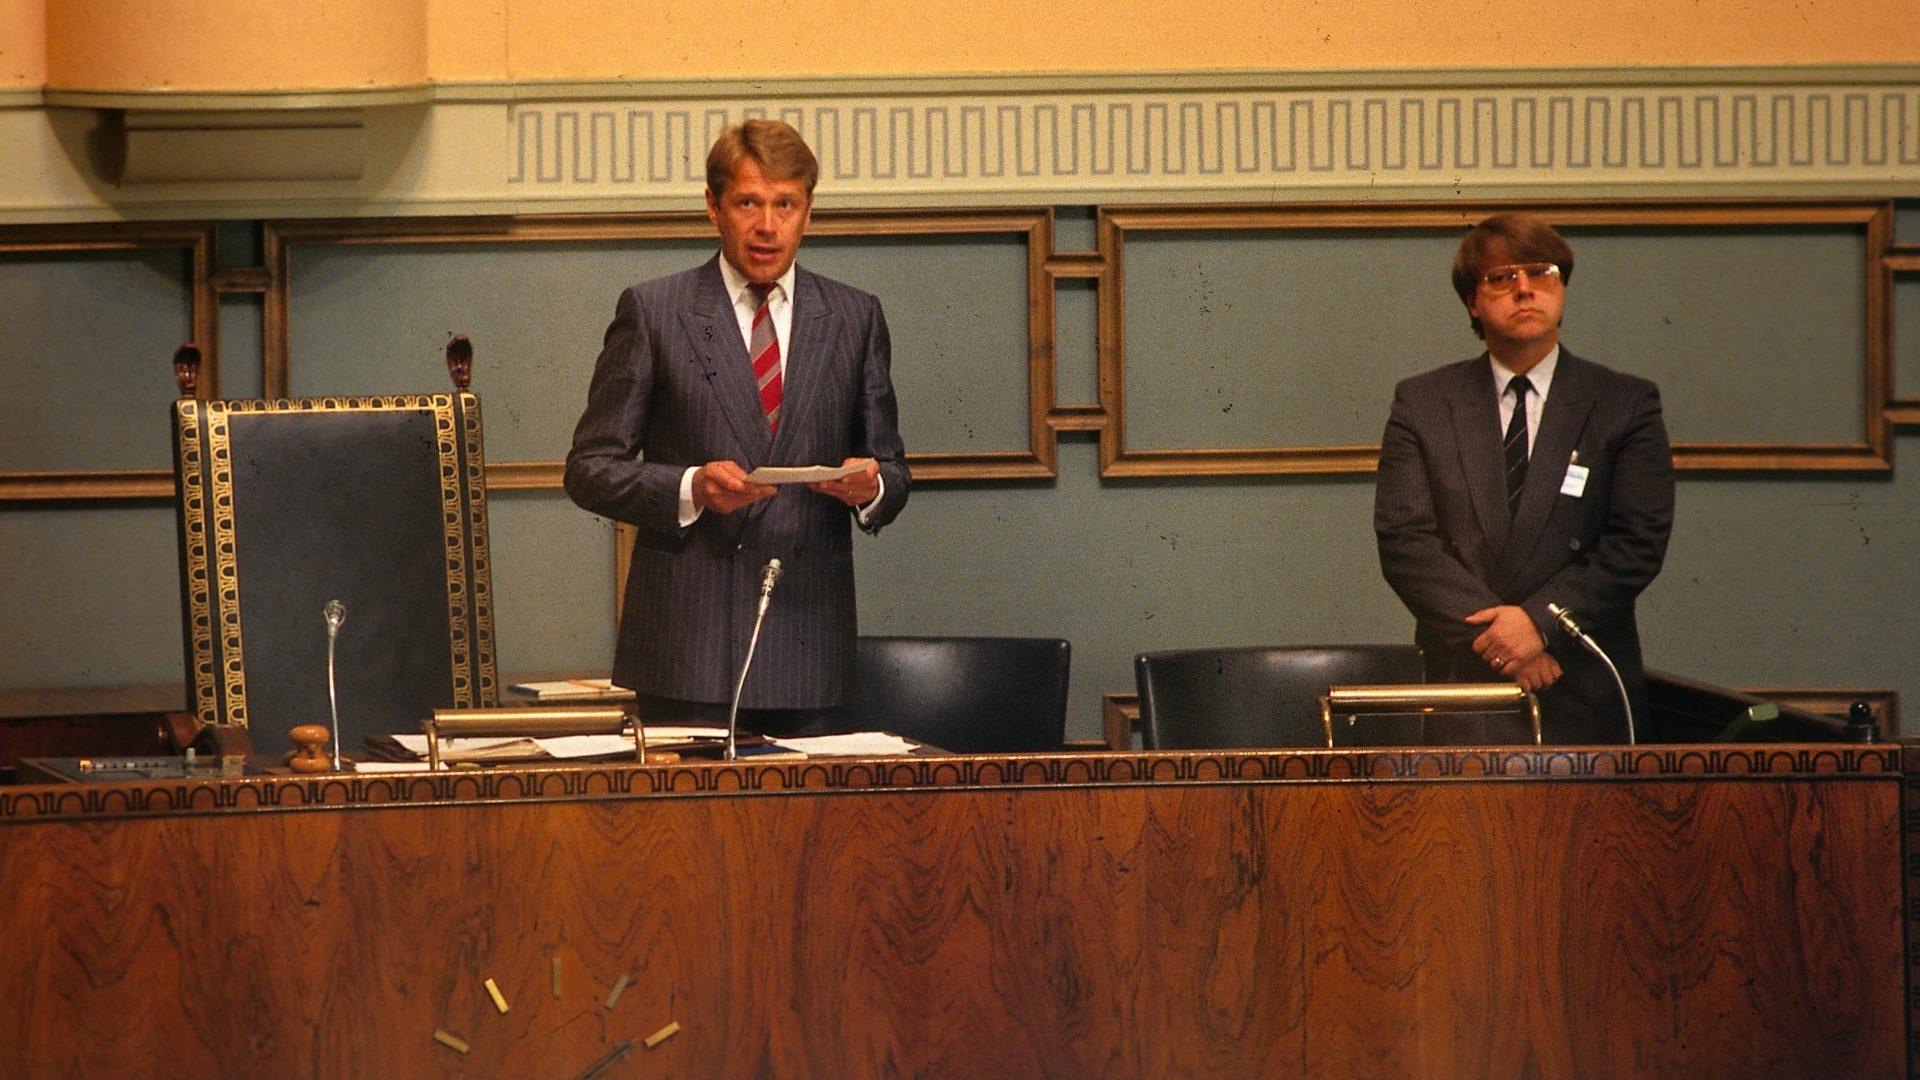 Sosialidemokraatteja edustava poliitikko Matti Ahde toimi eduskunnan puhemiehenä vuosina 1987–1989.